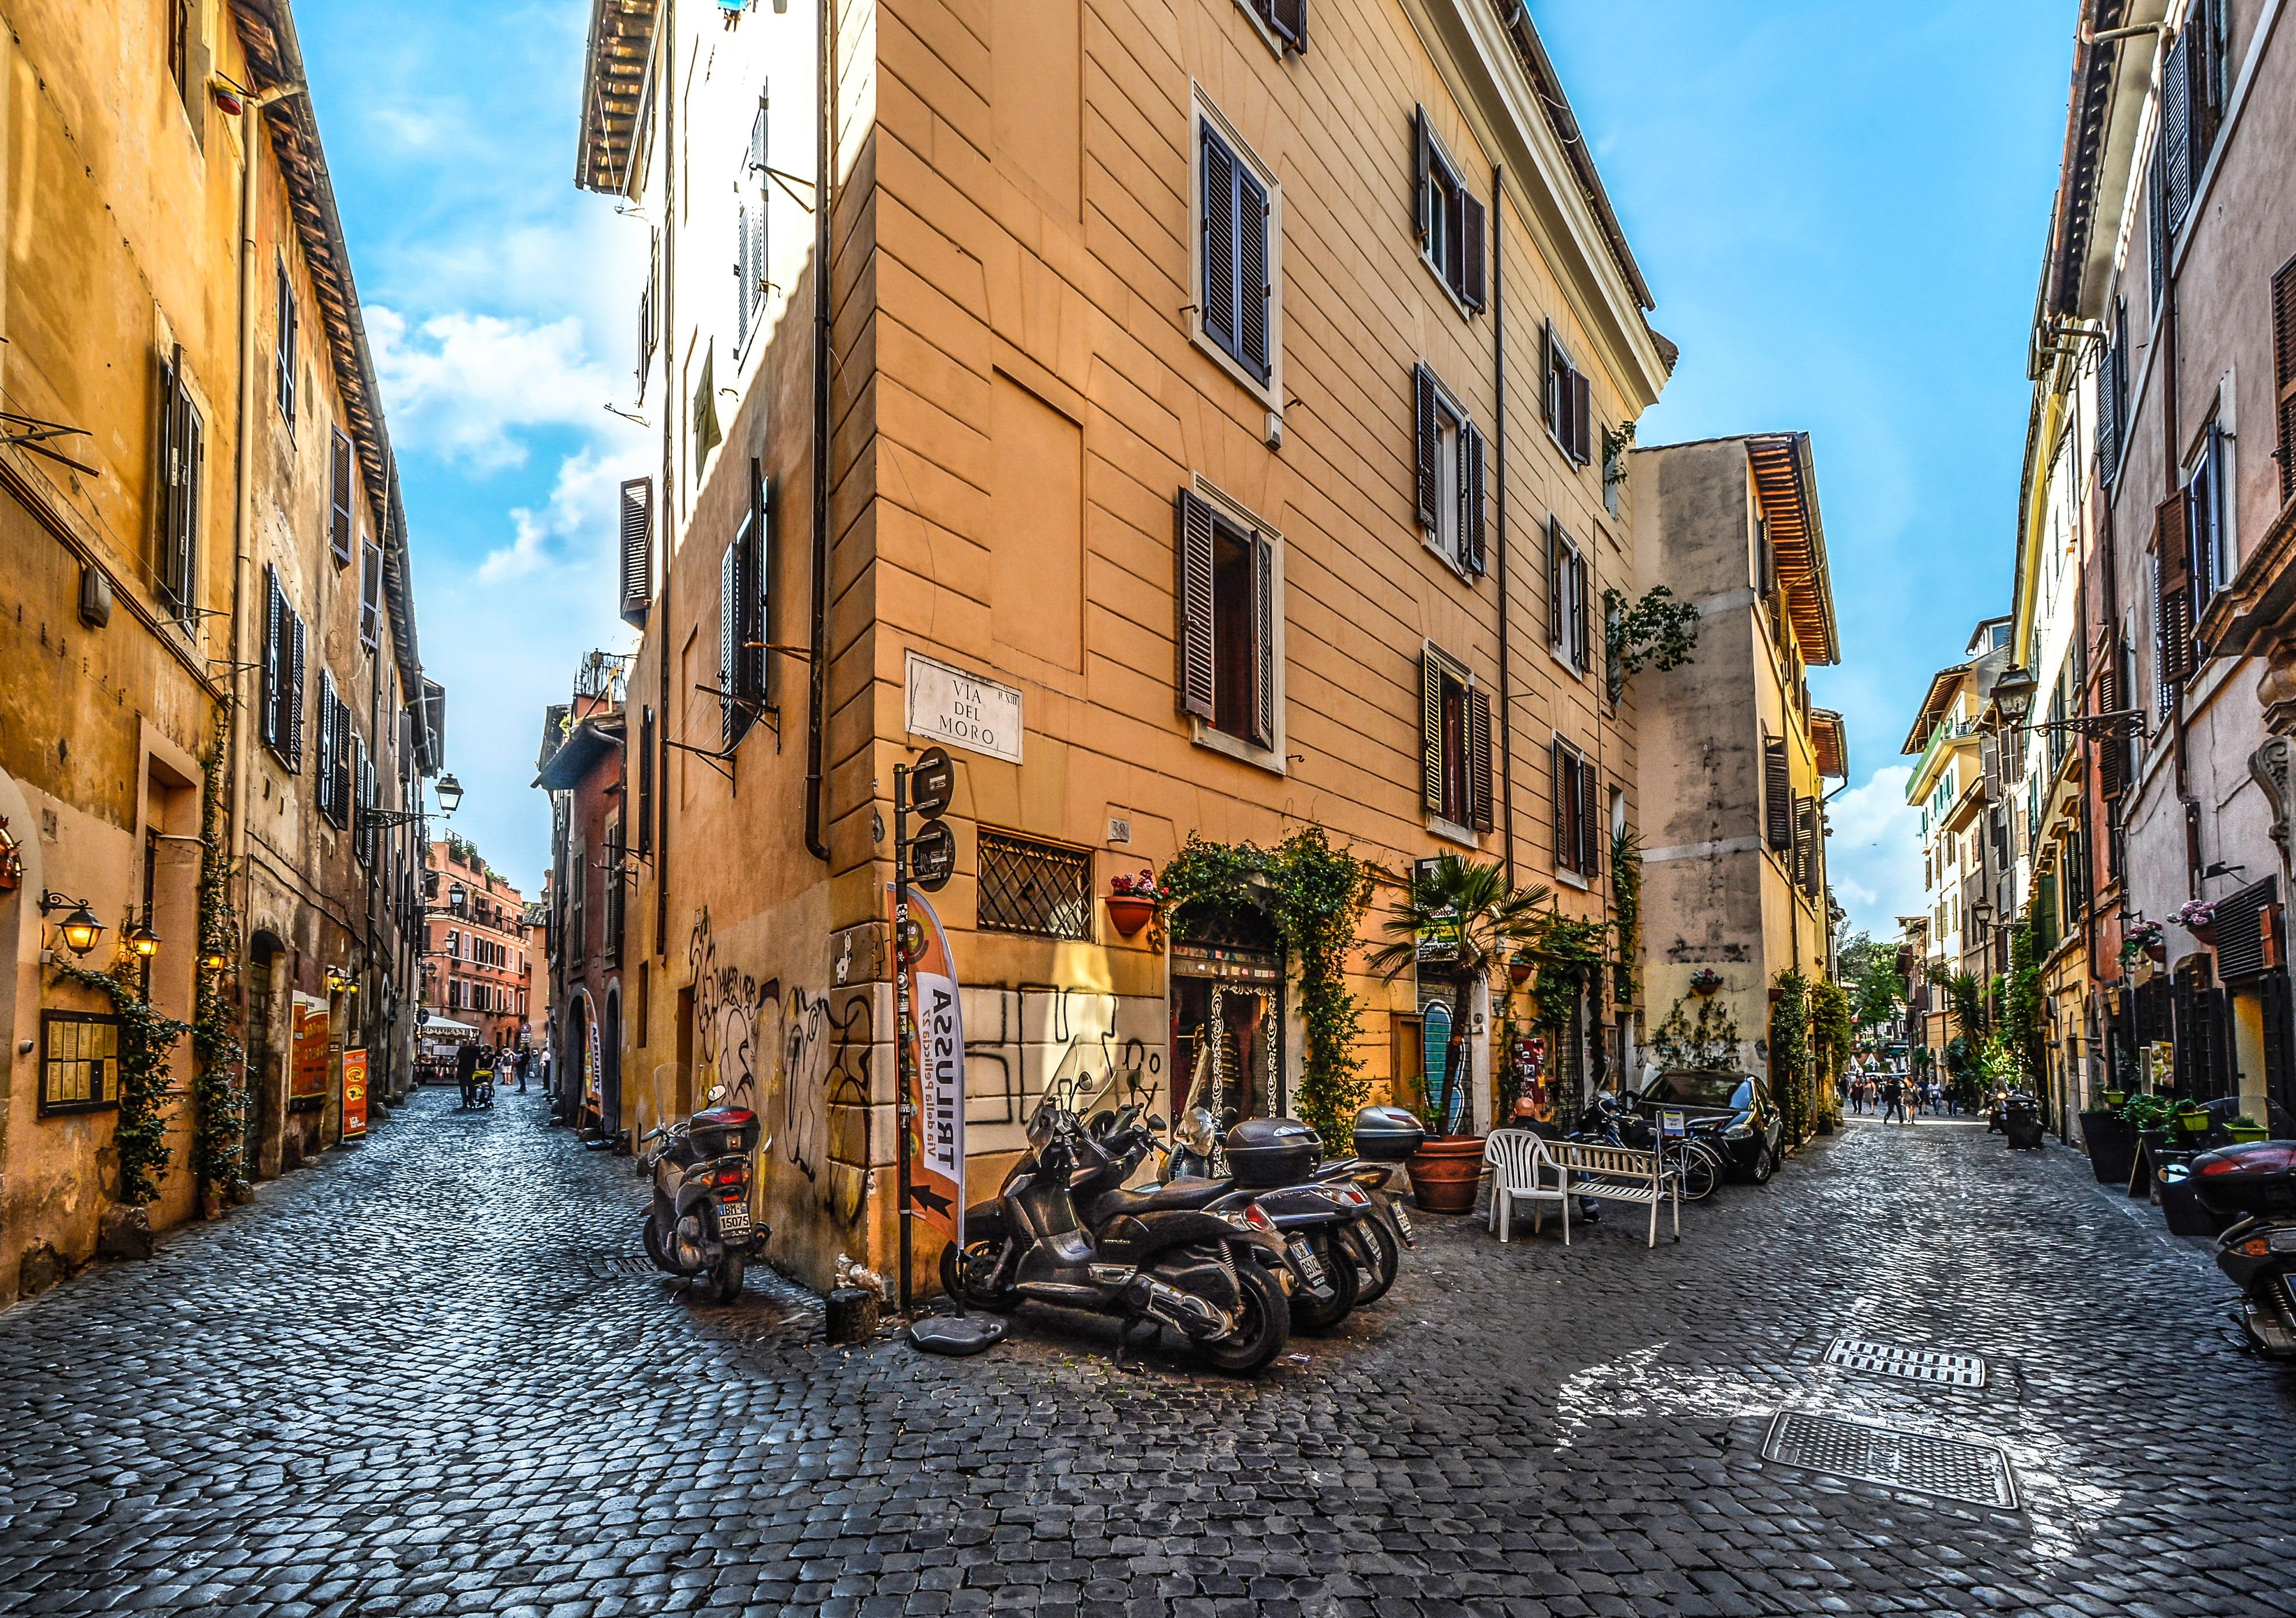 фото итальянских улиц большого разрешения пластиковые окна пвх